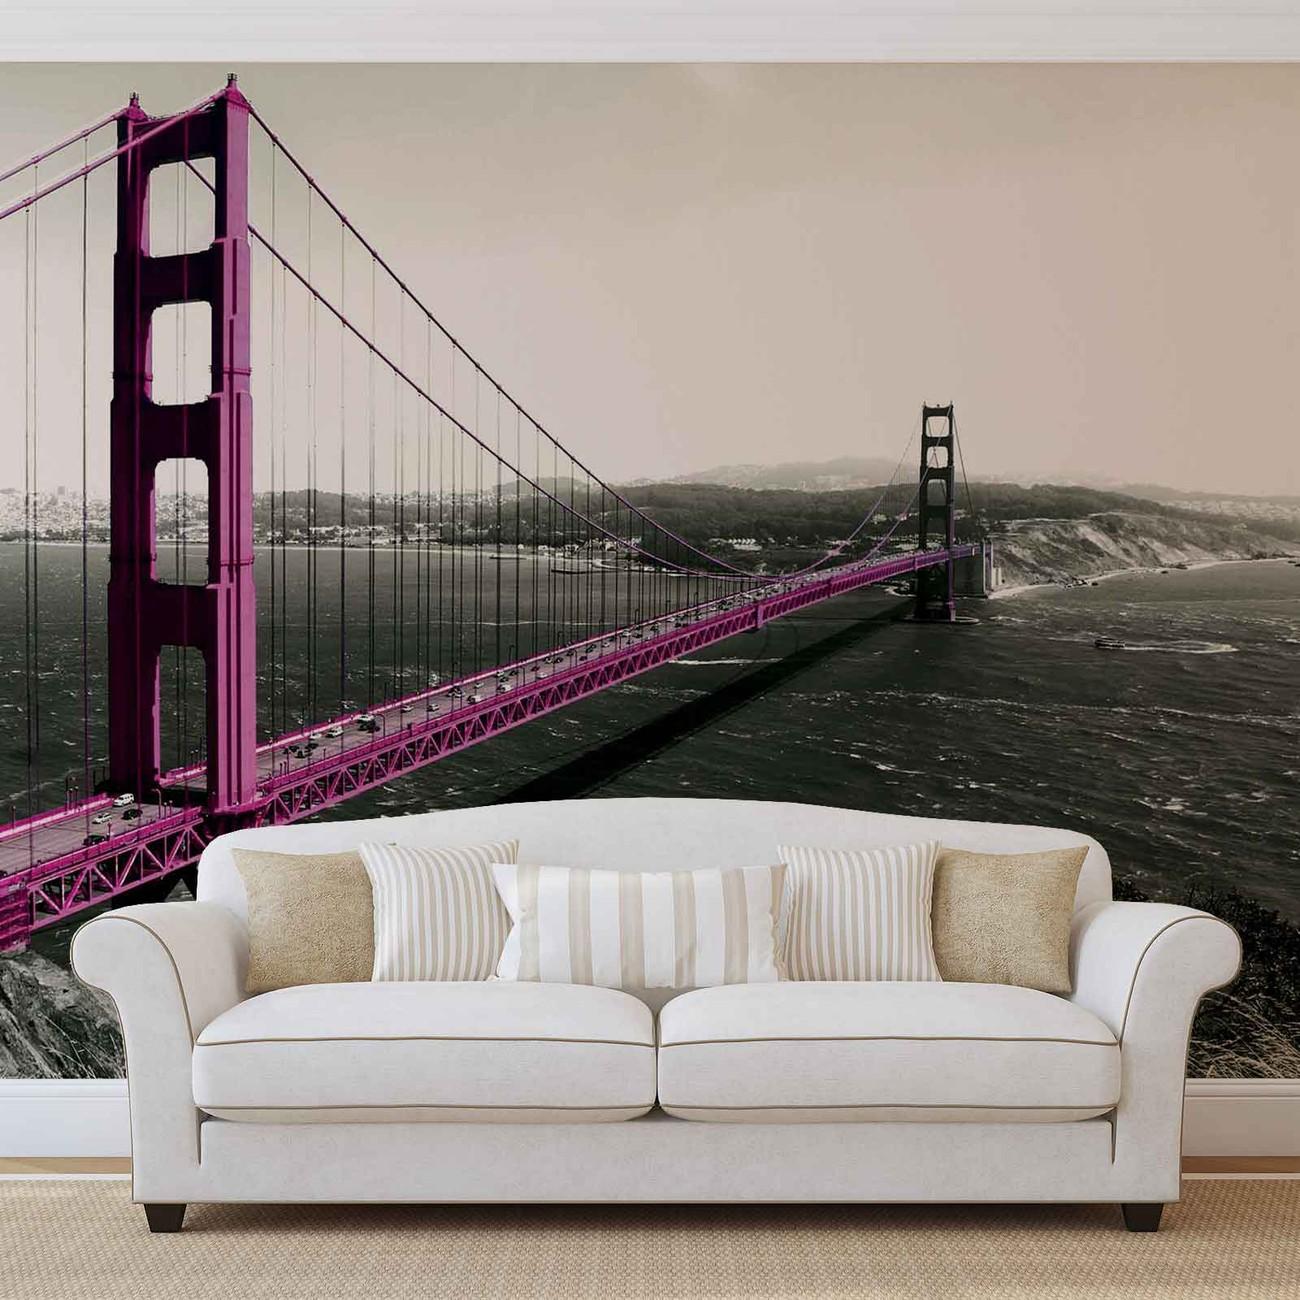 Golden gate bridge wall paper mural buy at europosters for Bridge wall mural